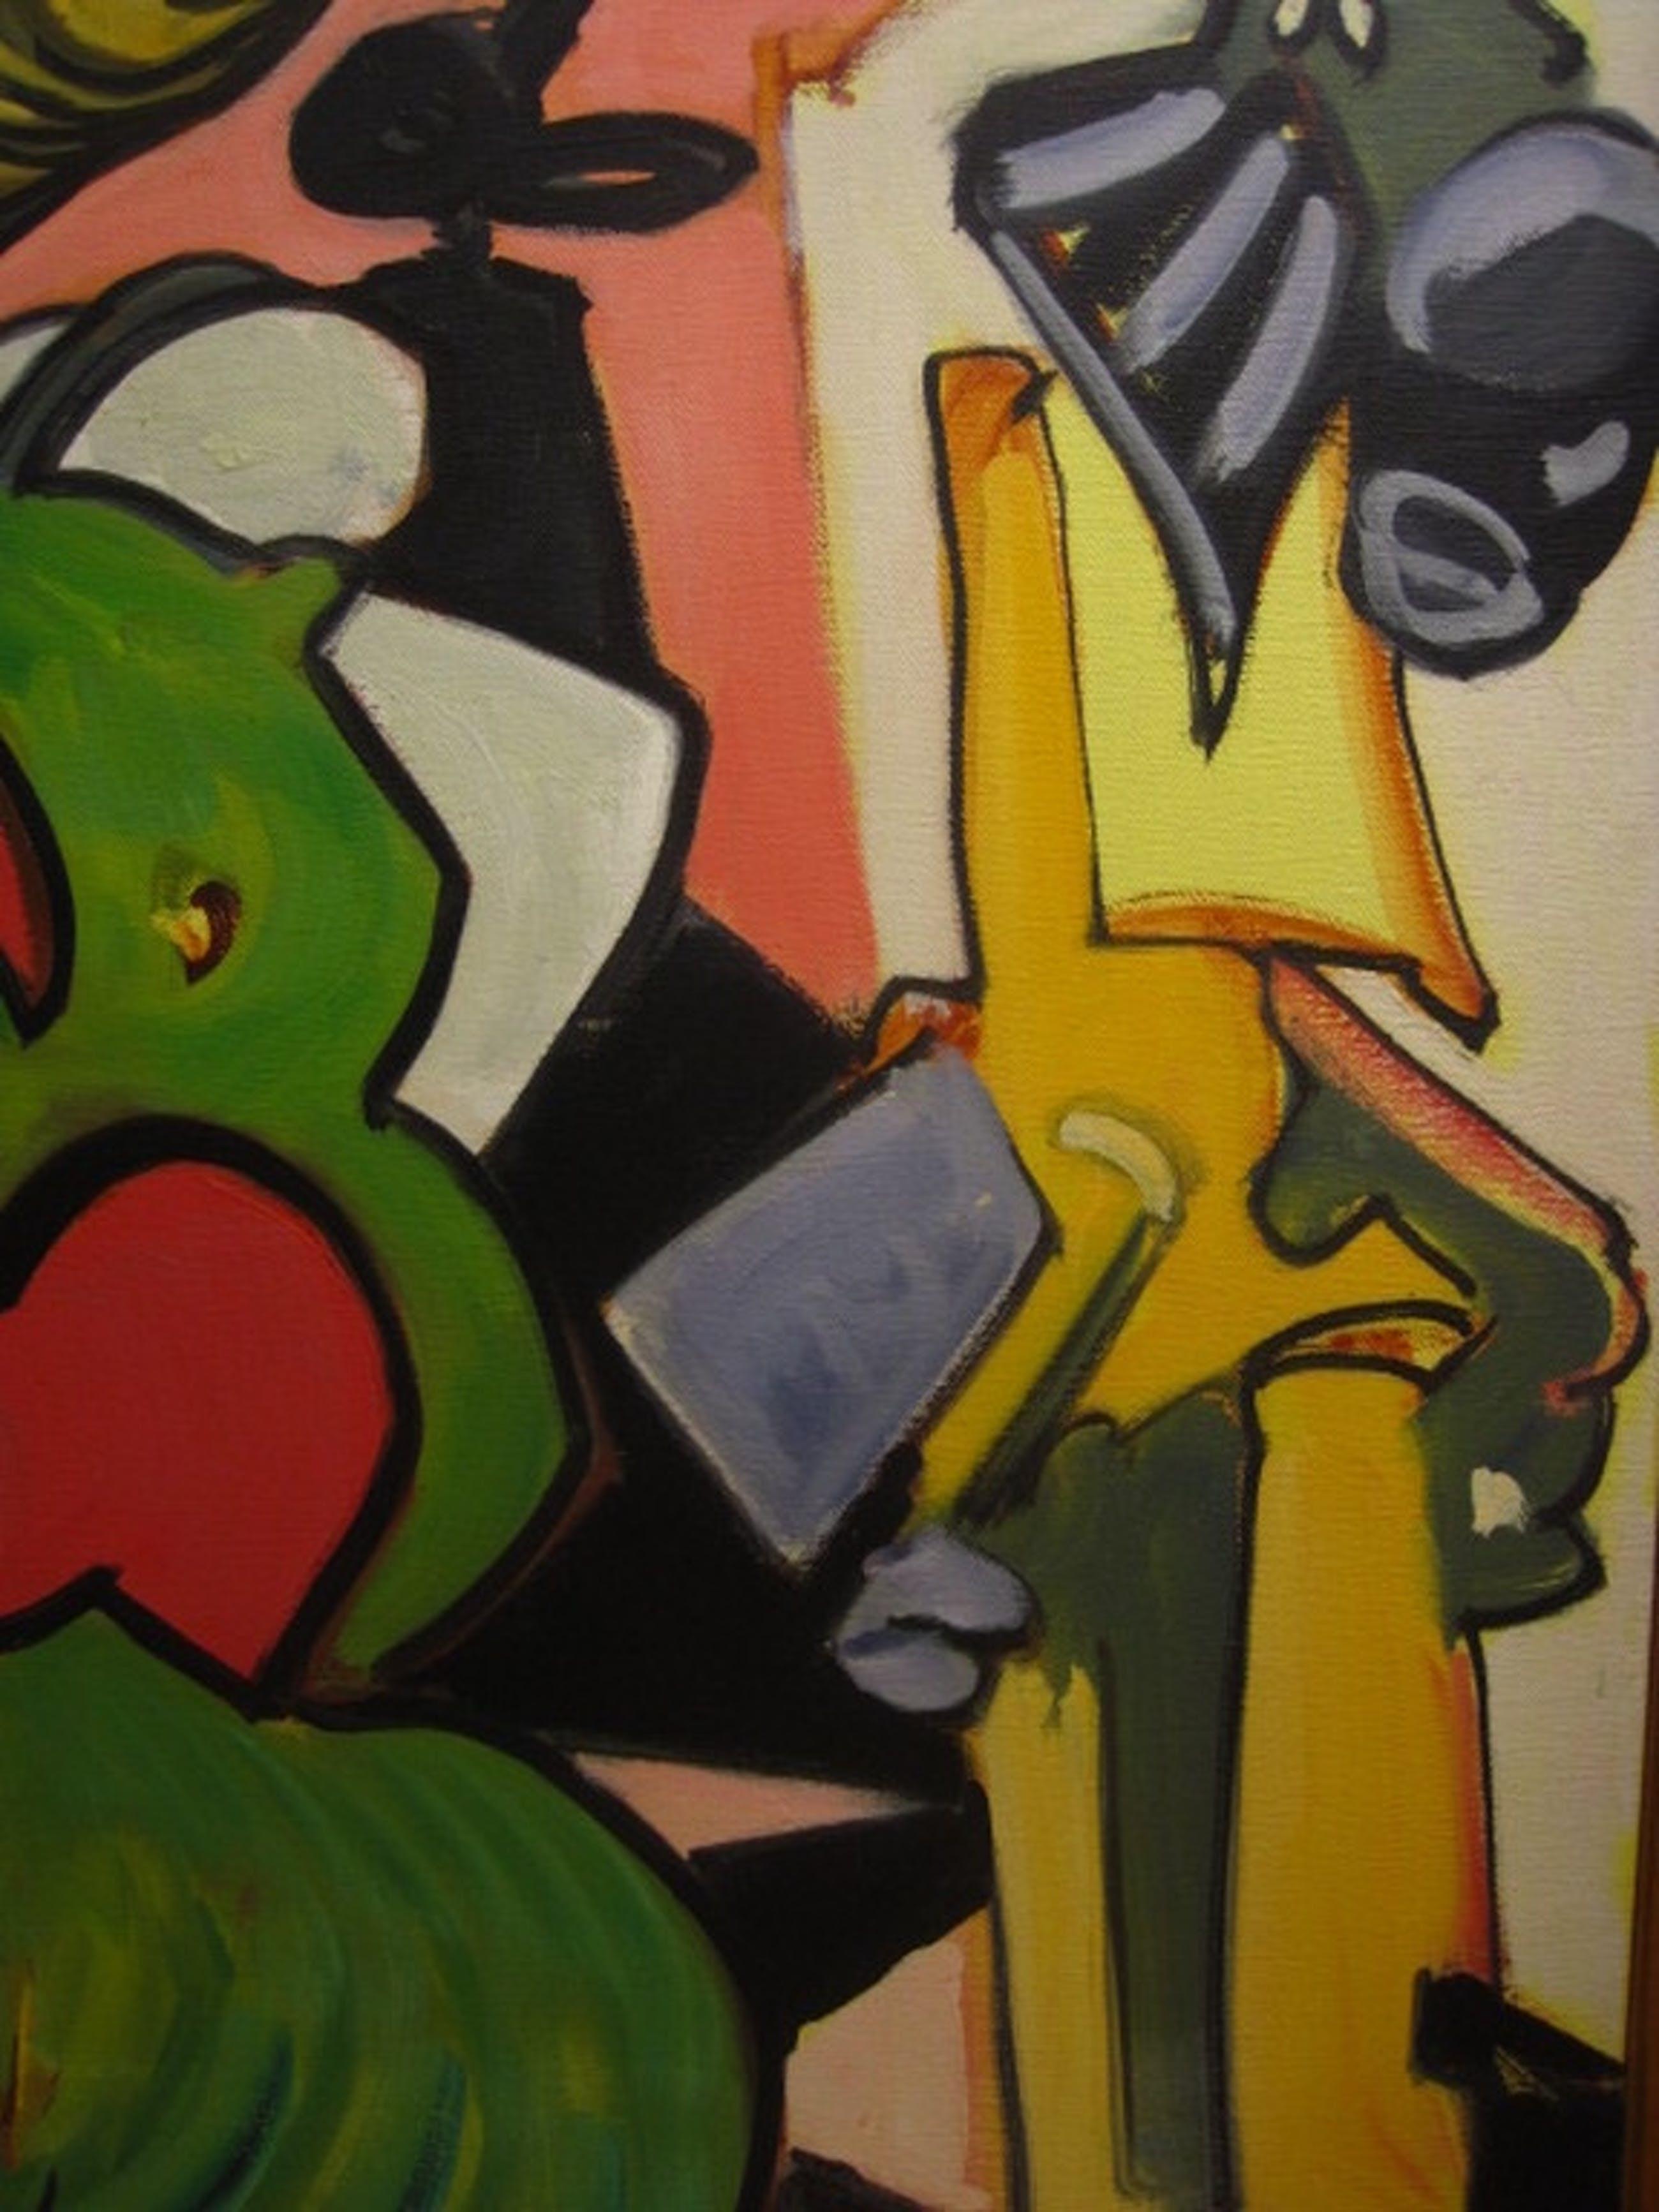 """Zeldzaam Quintus Jan Telting schilderij """"Zingend Model"""" 1987 Suriname gesigneerd kopen? Bied vanaf 1!"""